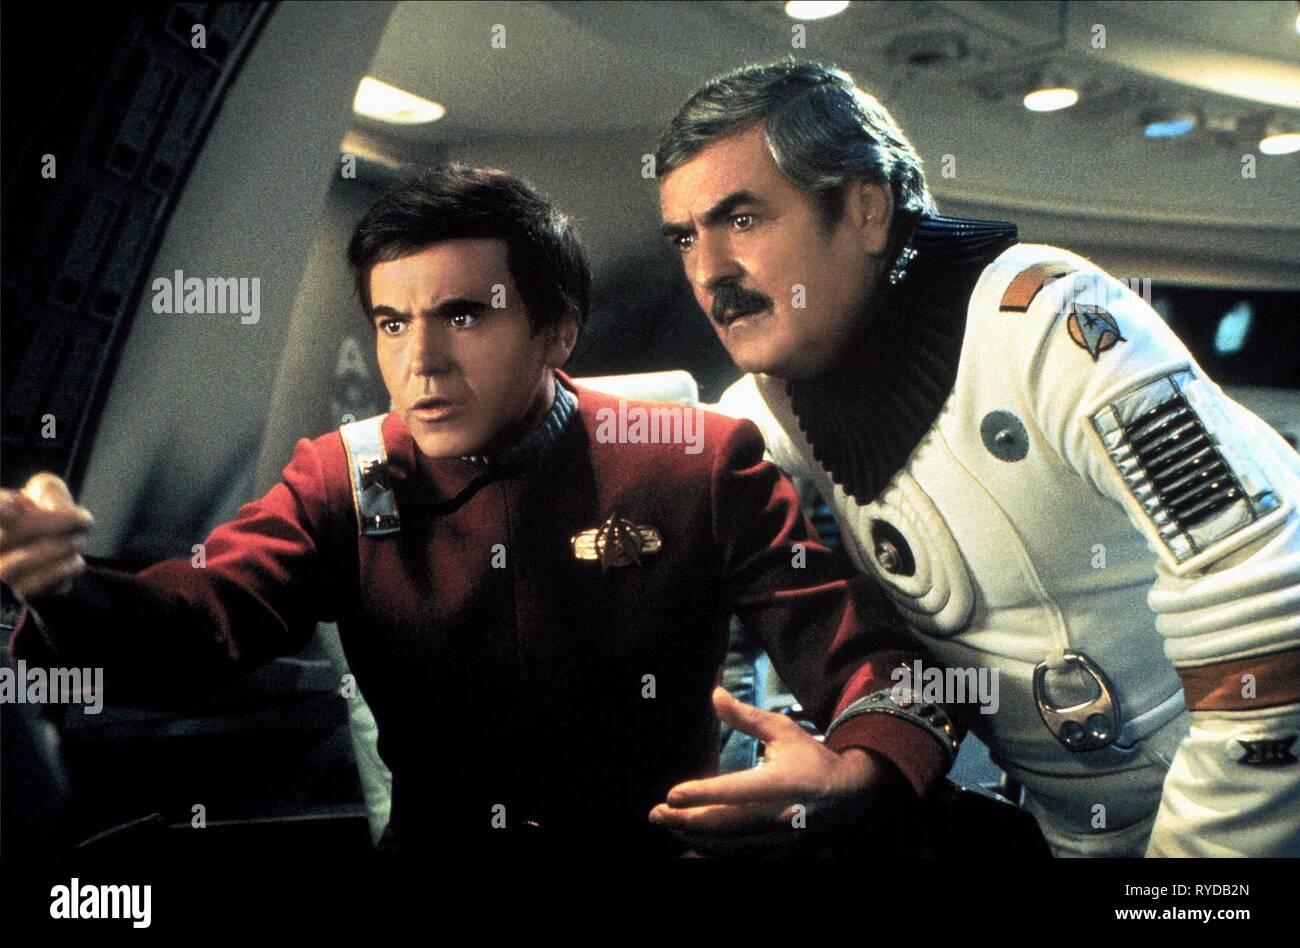 WALTER KOENIG,JAMES DOOHAN, STAR TREK III: THE SEARCH FOR SPOCK, 1984 - Stock Image